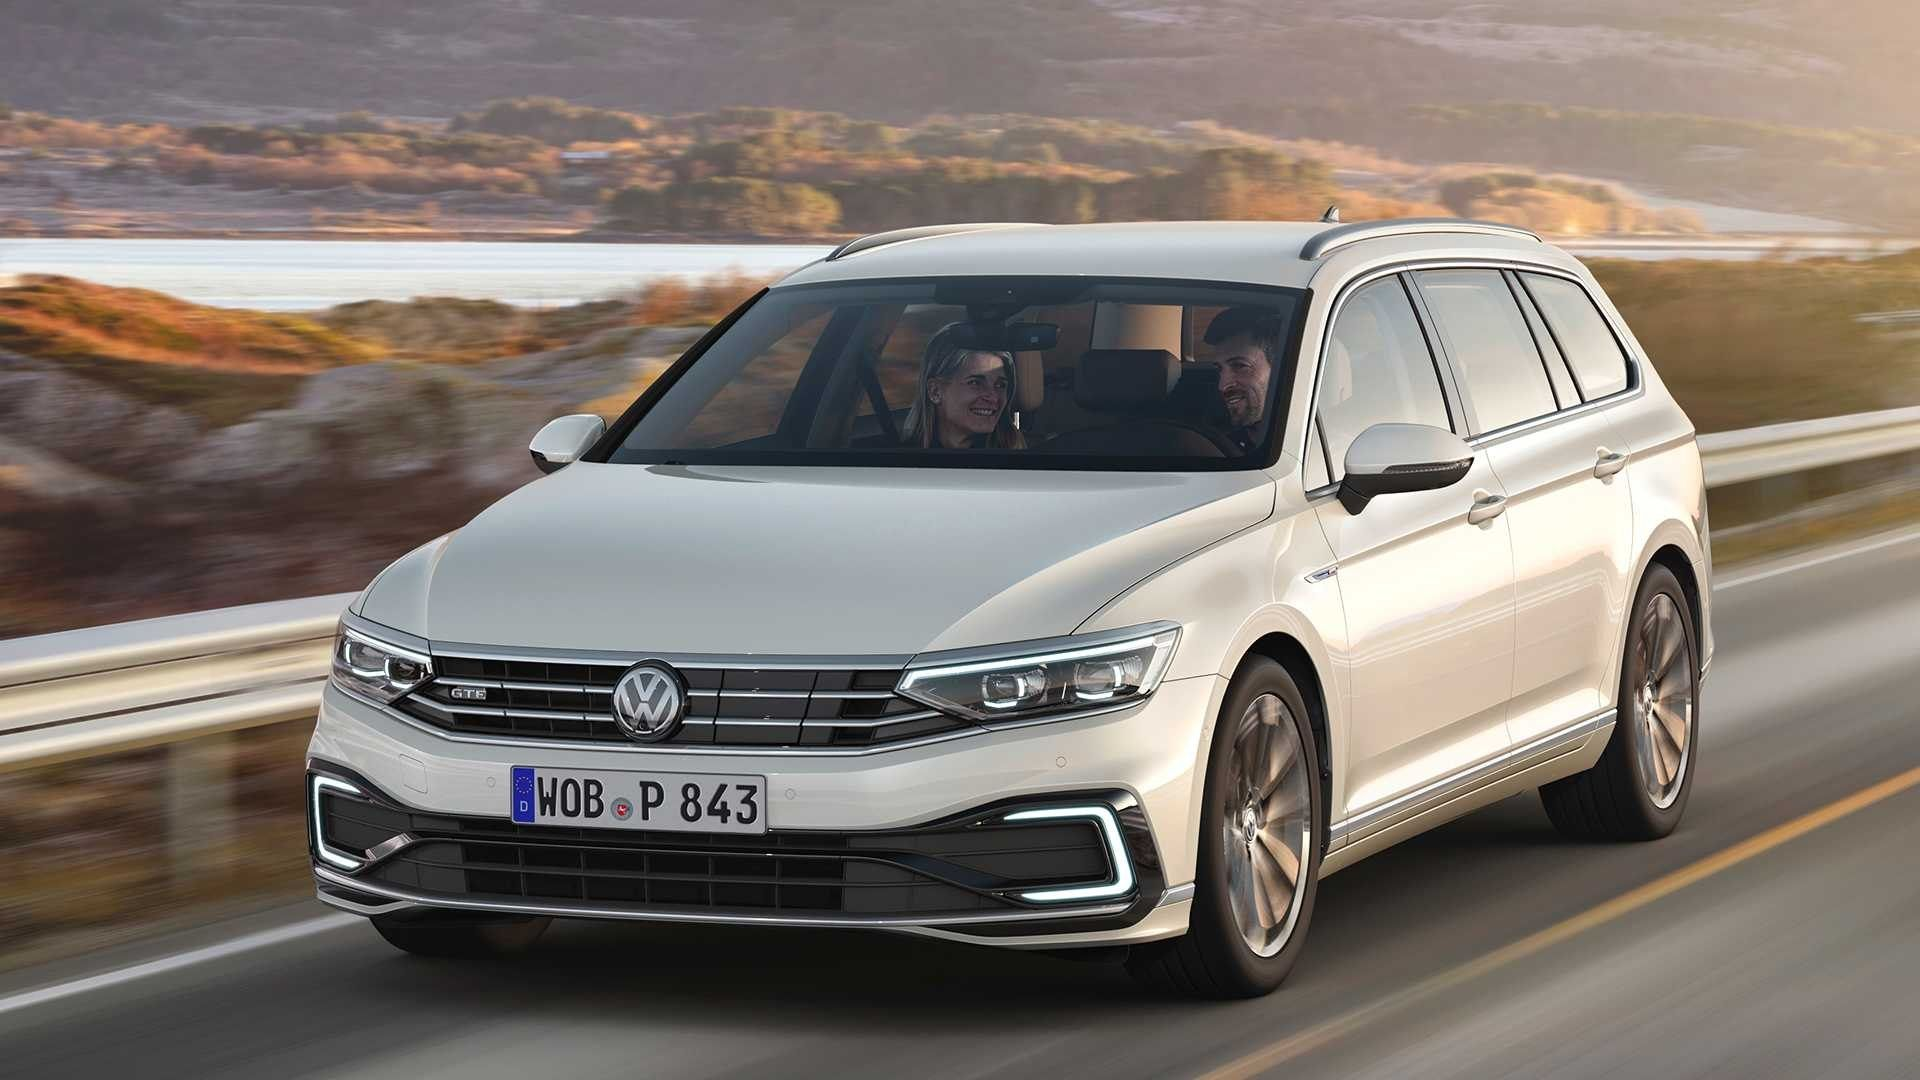 Best 2020 Volkswagen Passat Gte Interior Volkswagen Passat Volkswagen Upcoming Cars